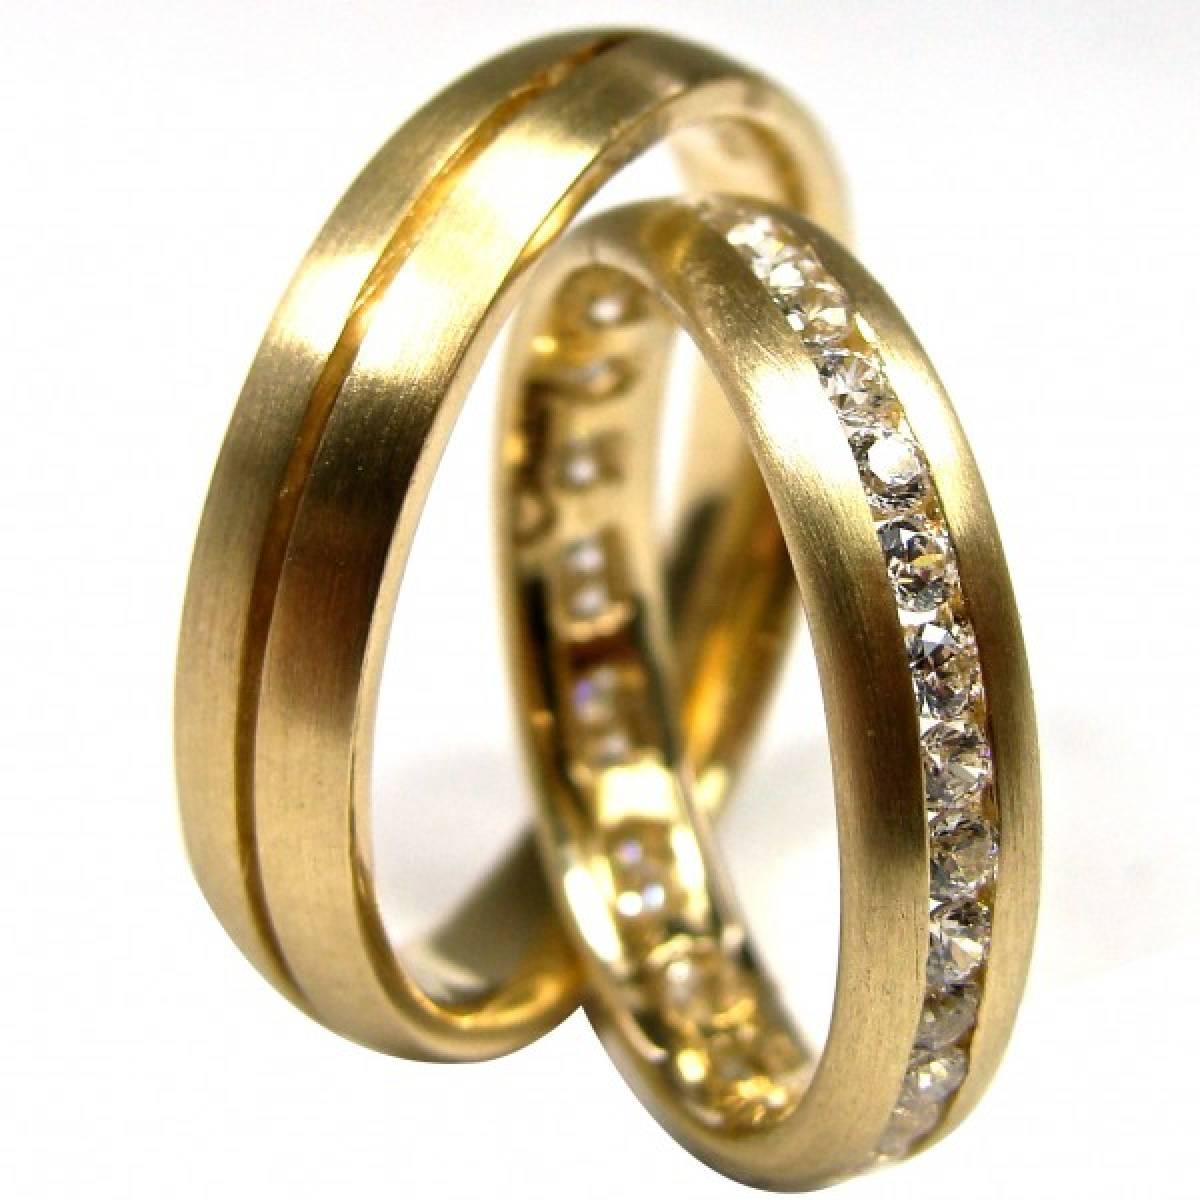 Alianças de casamento amendoadas com diamantes ou zircónias